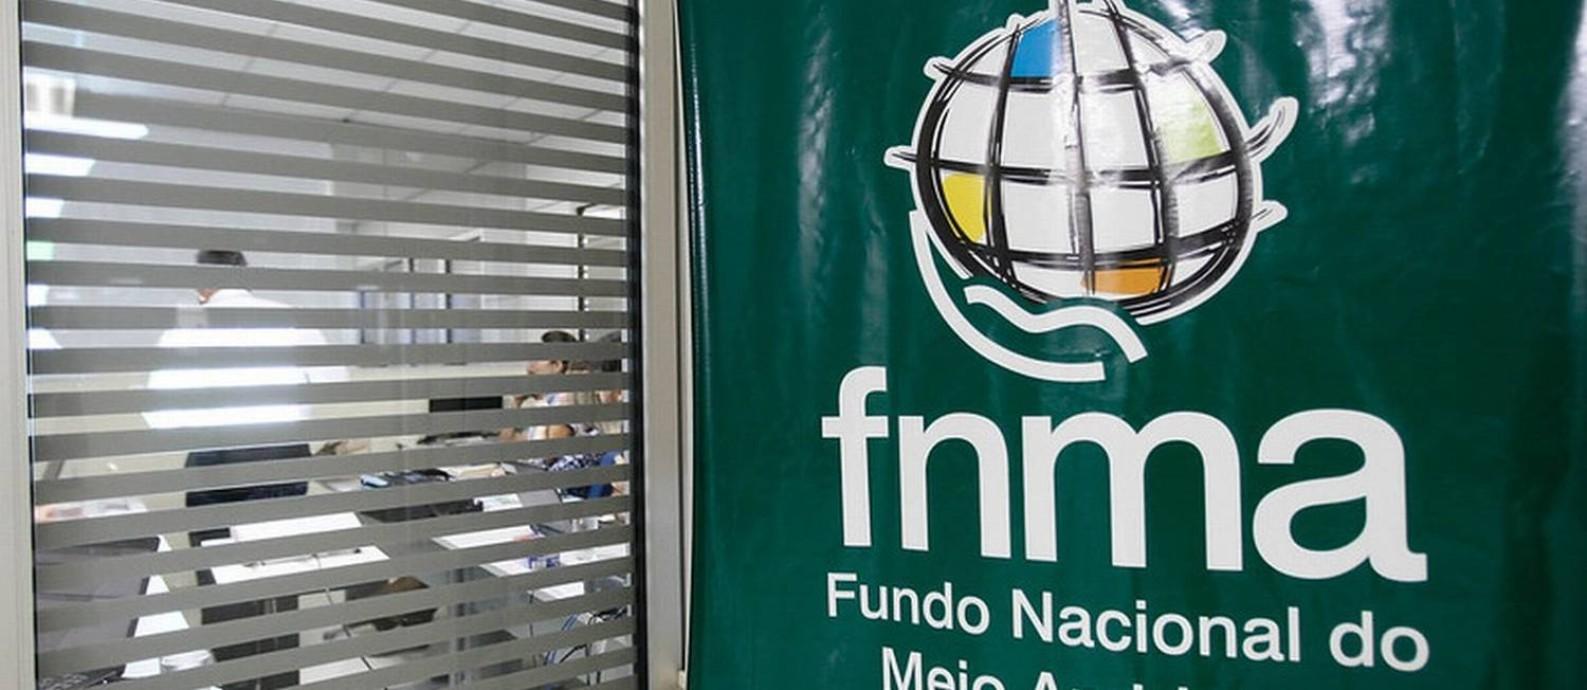 Escritório do Fundo Nacional do Meio Ambiente em Brasília Foto: Gilberto Soares / MMA